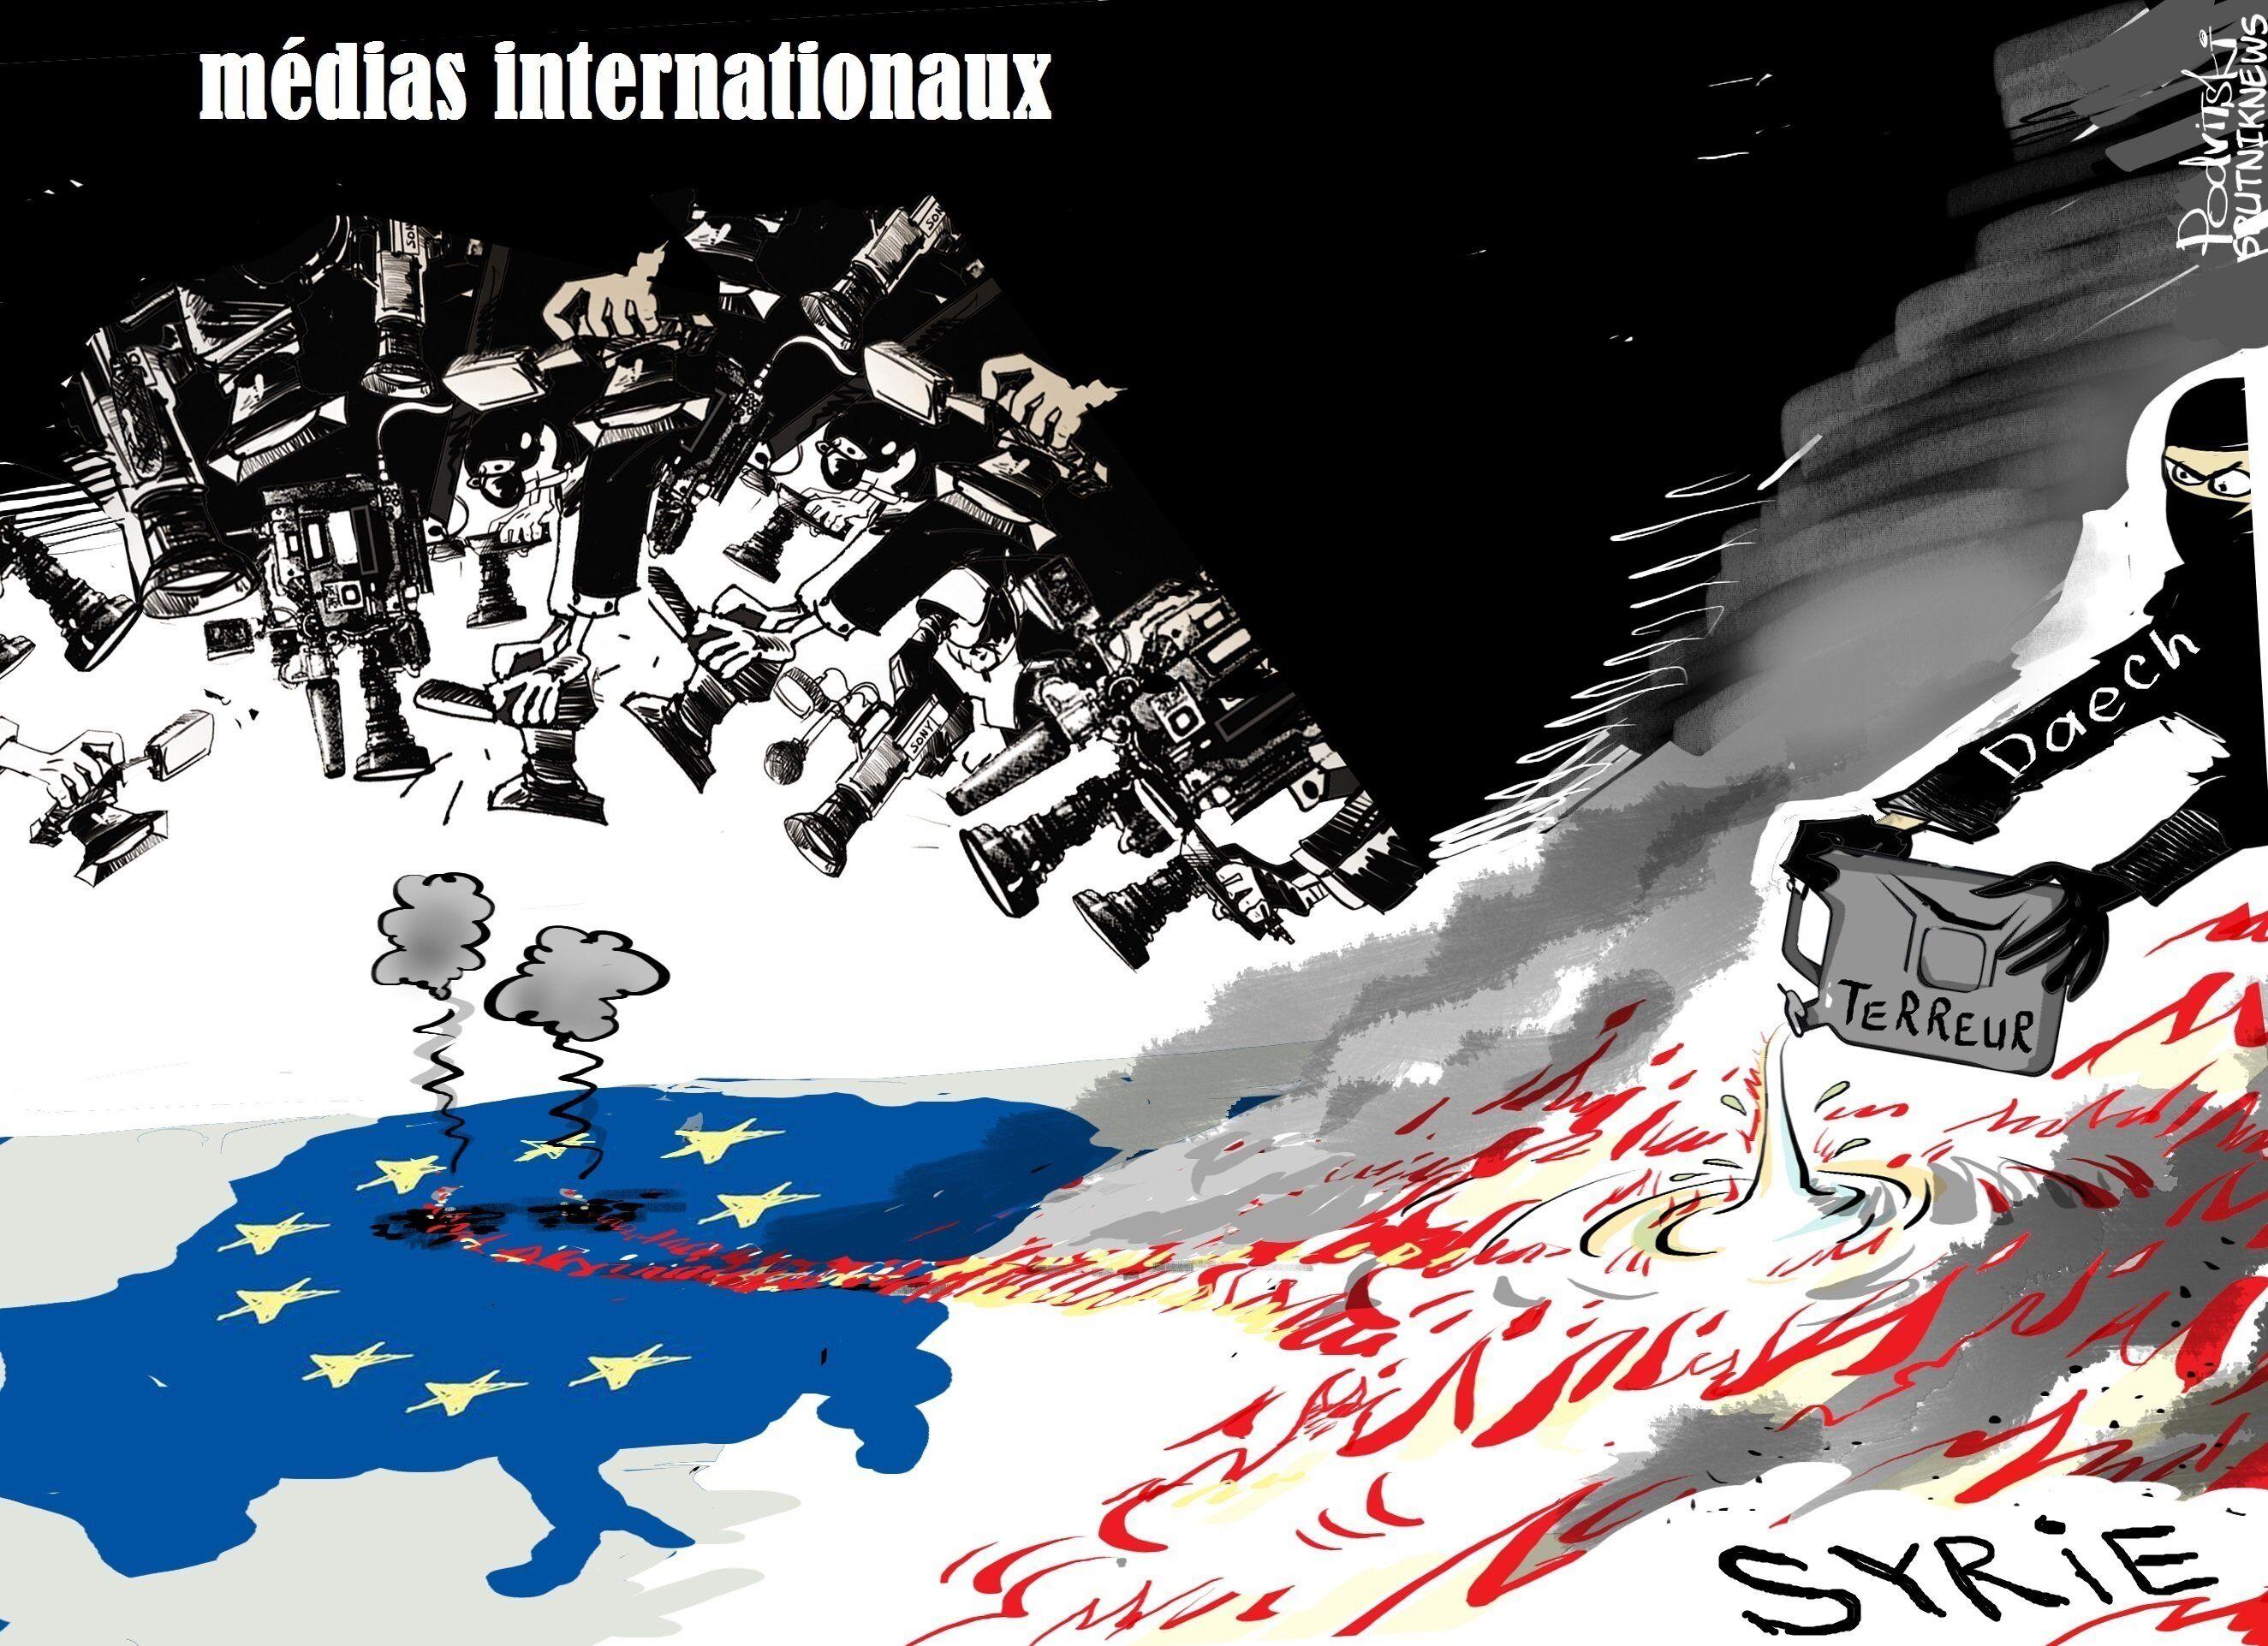 Après les attentats de Bruxelles, Daech entend semer le chaos en Europe